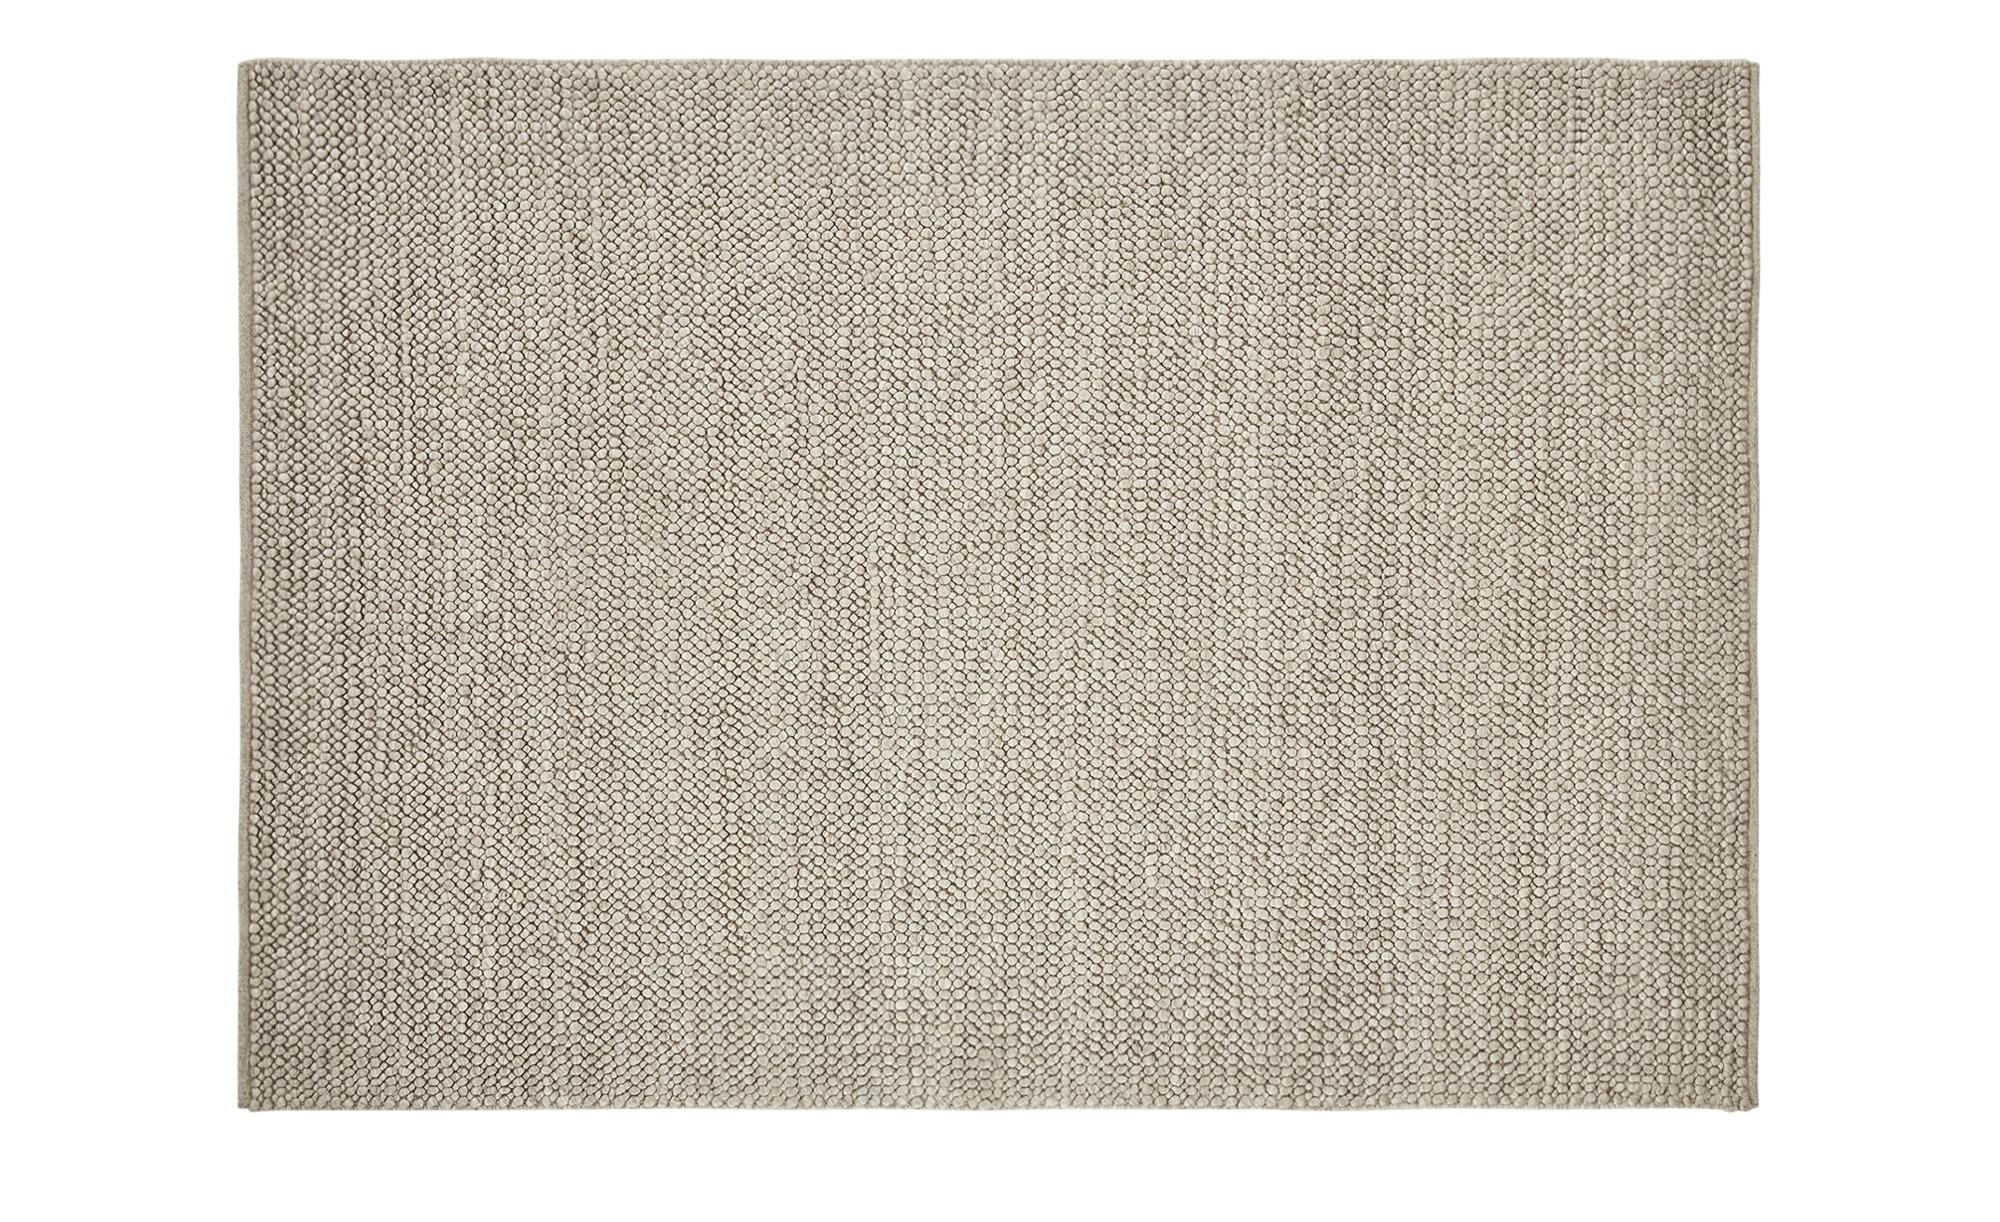 Handwebteppich  Ruhpolding ¦ creme ¦ 100% Wolle, Wolle ¦ Maße (cm): B: 130 Teppiche > Wohnteppiche - Höffner